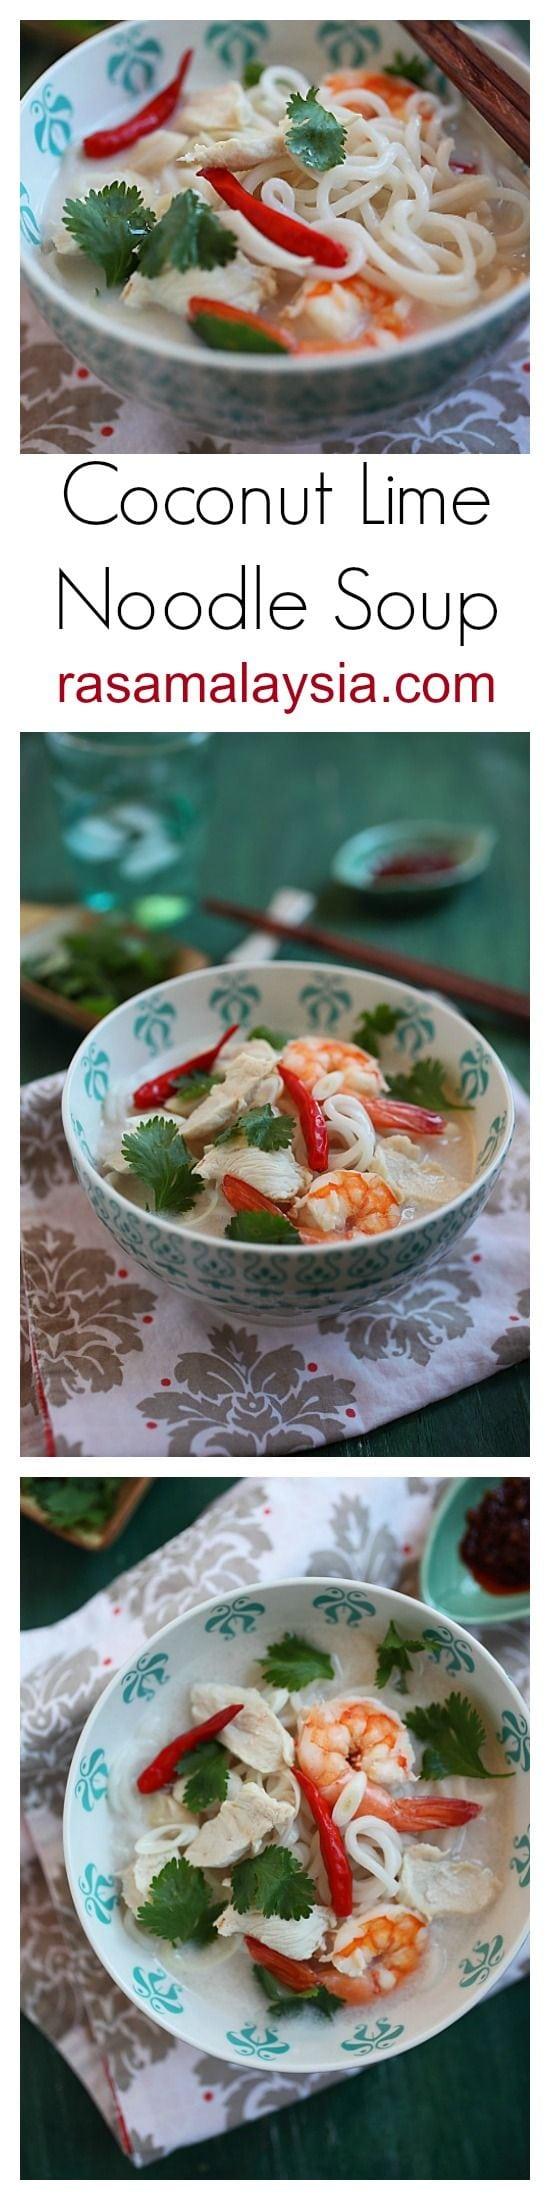 Recette de soupe de nouilles au poulet et à la lime et à la noix de coco – Si délicieuse et rafraîchissante que vous voudriez plus d'un bol    rasamalaysia.com